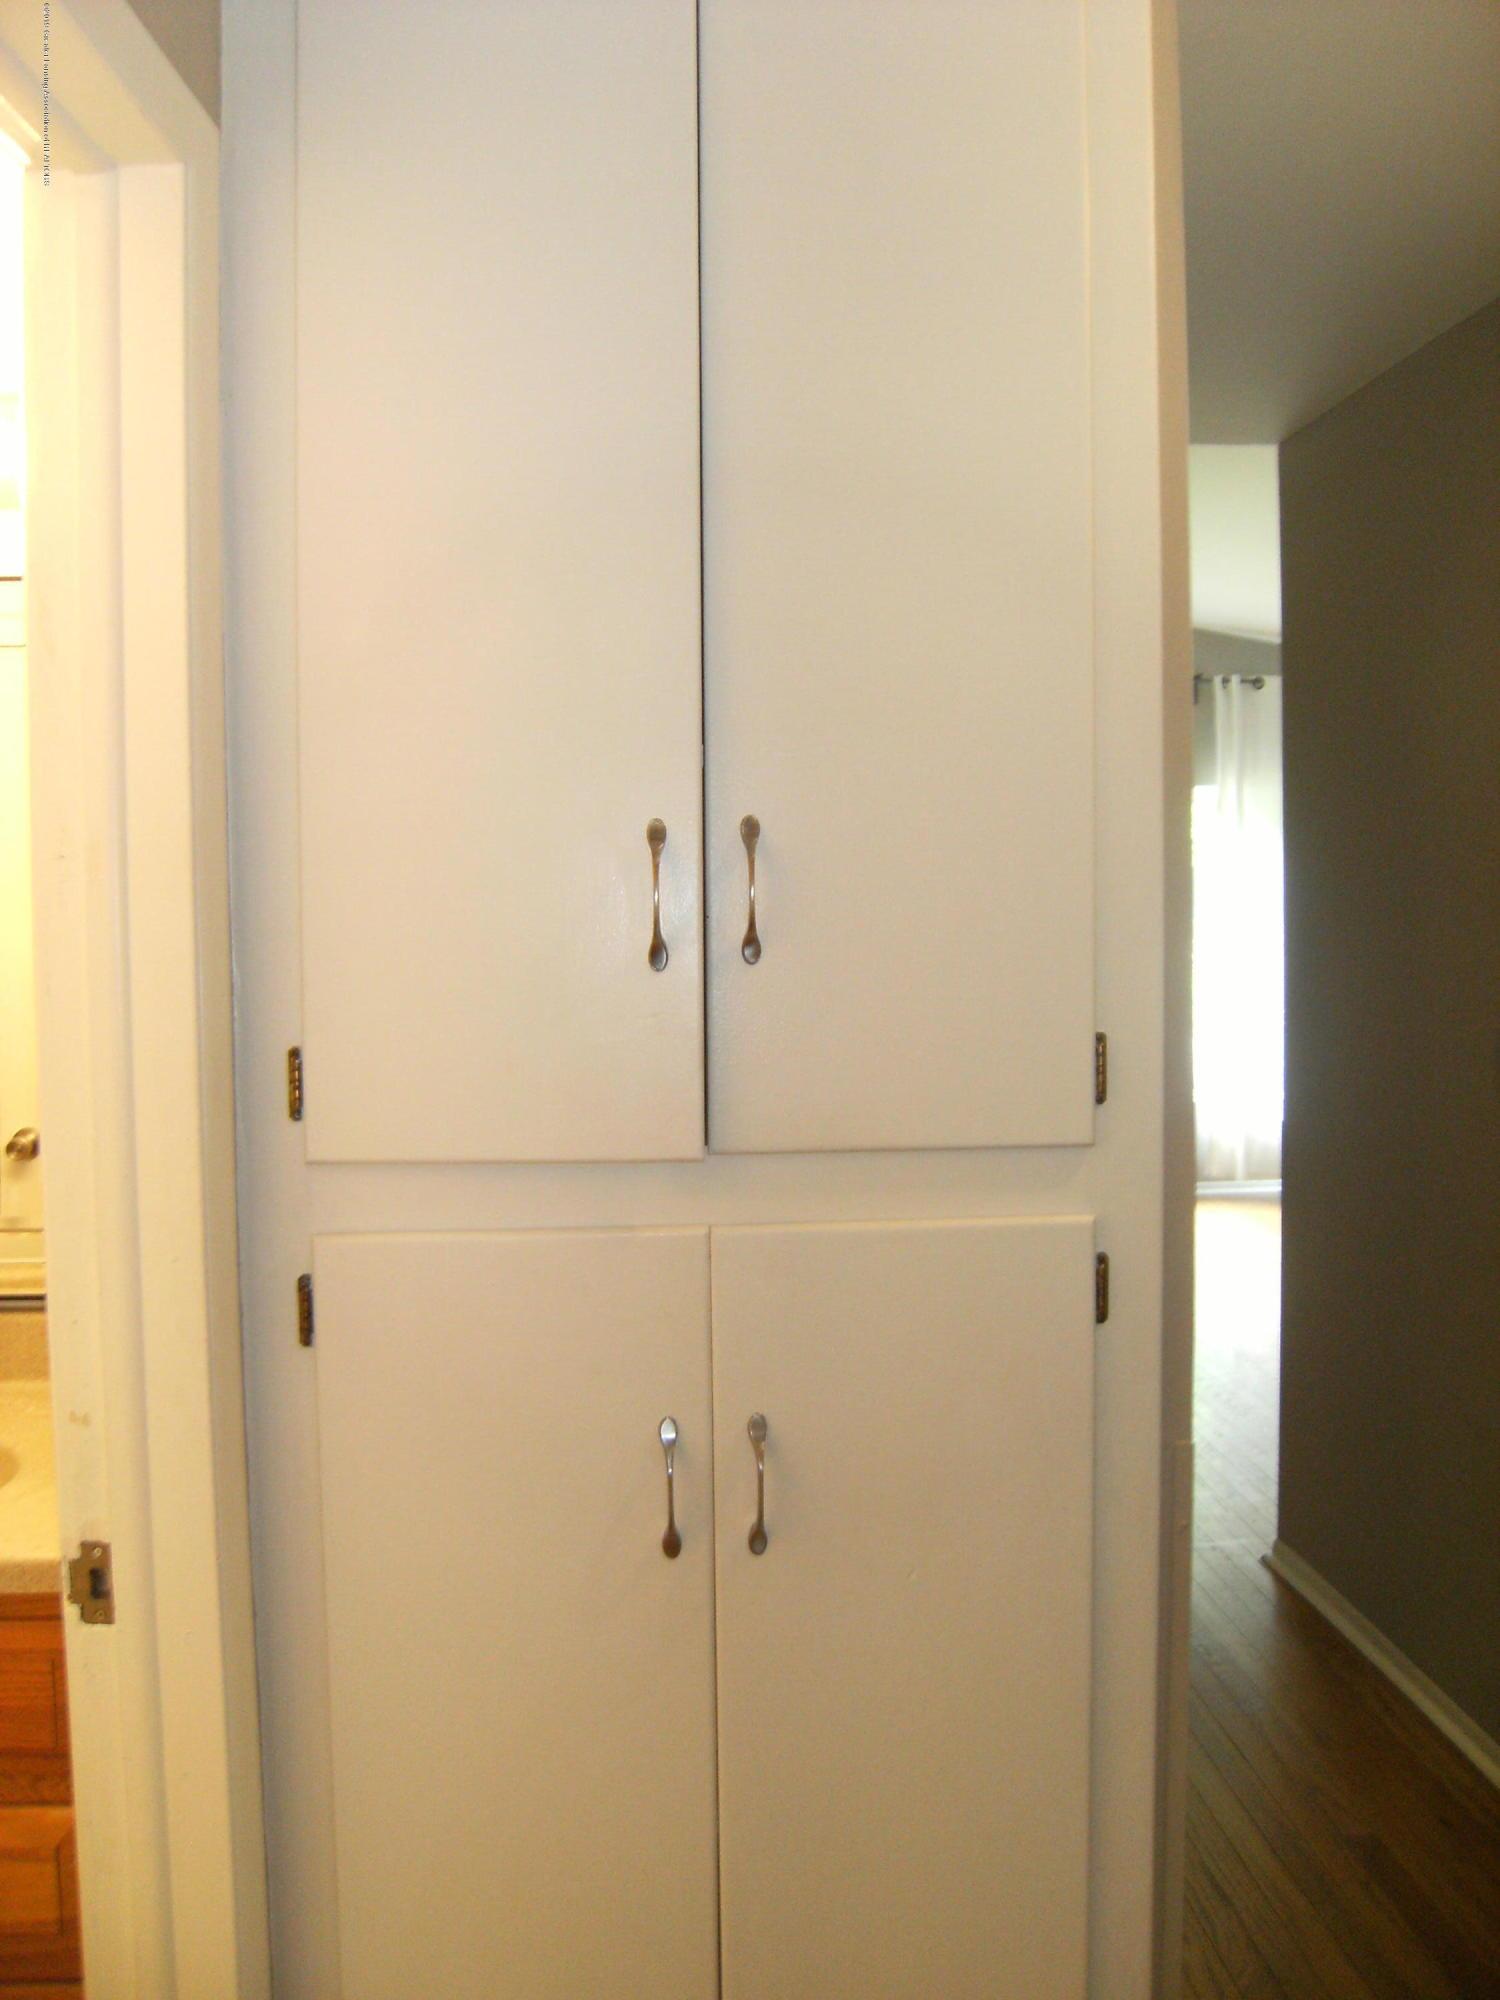 1315 N Foster Ave - Linen closet - 13